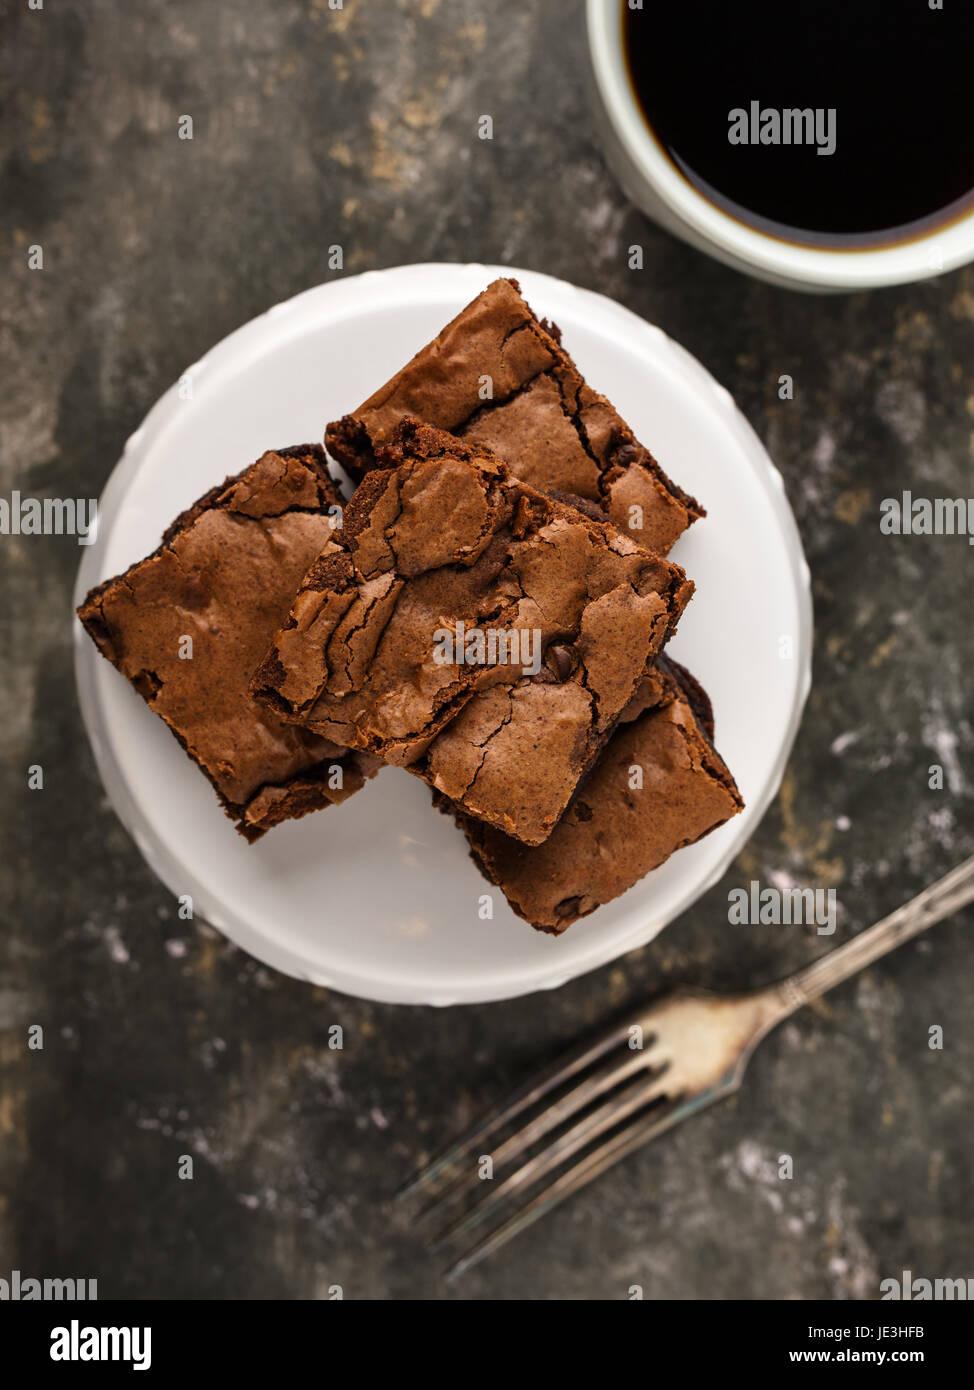 Brownies caseros en un plato de postre y café. Imagen De Stock